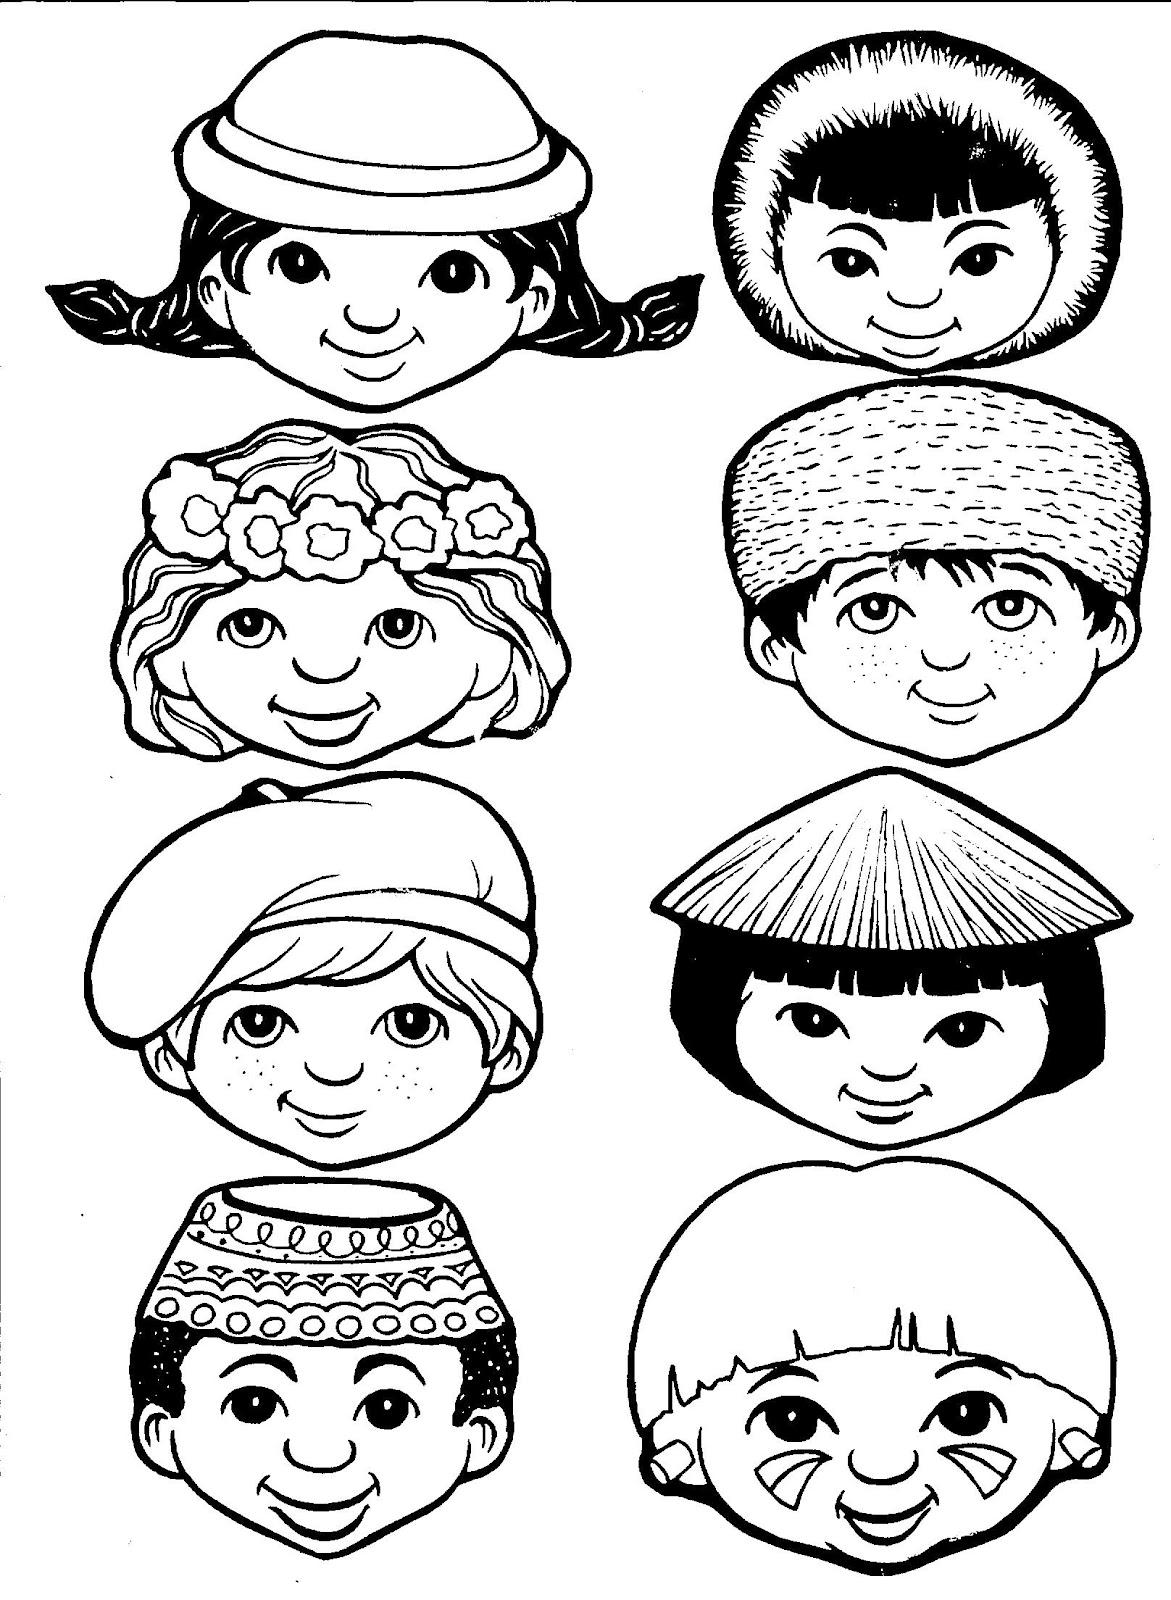 Escolinha Bíblica da Garotada: Missões para colorir